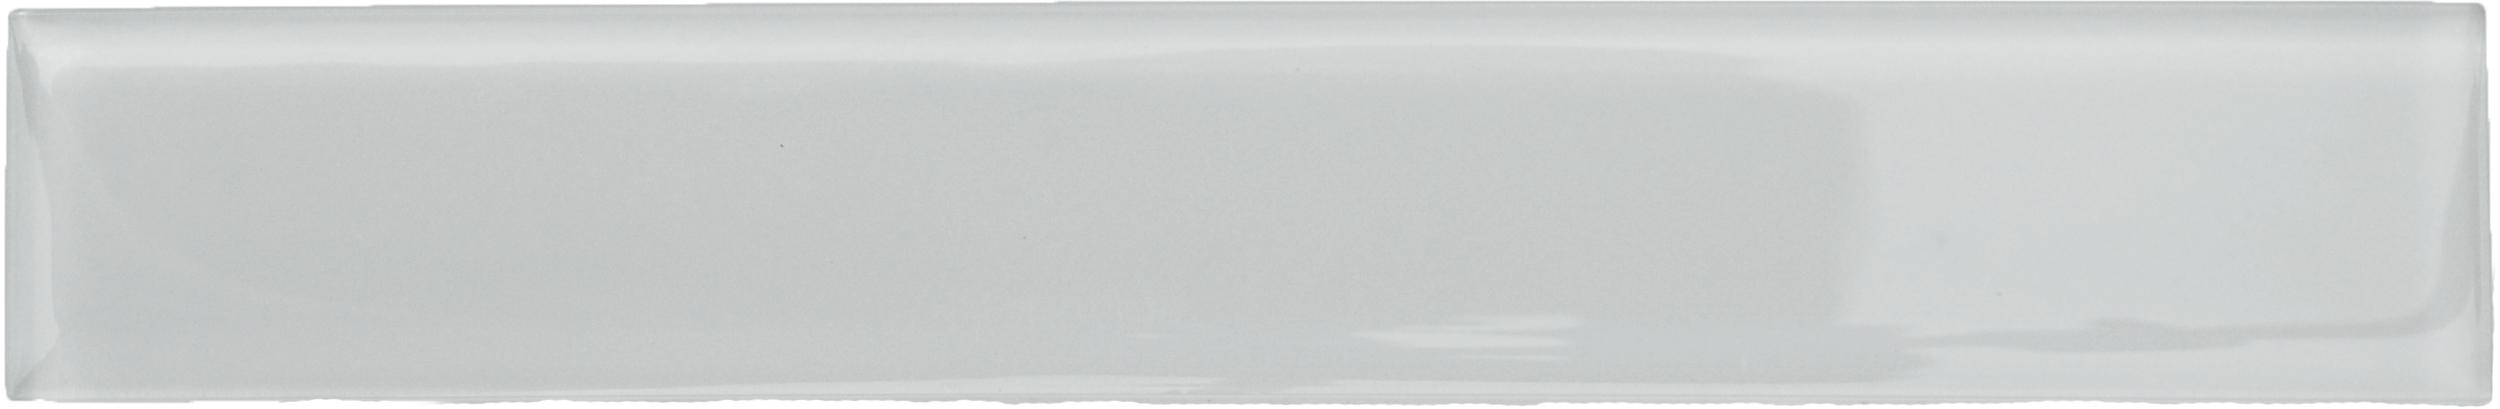 """MG313G, White Glossy, 2"""" x 11.75"""""""